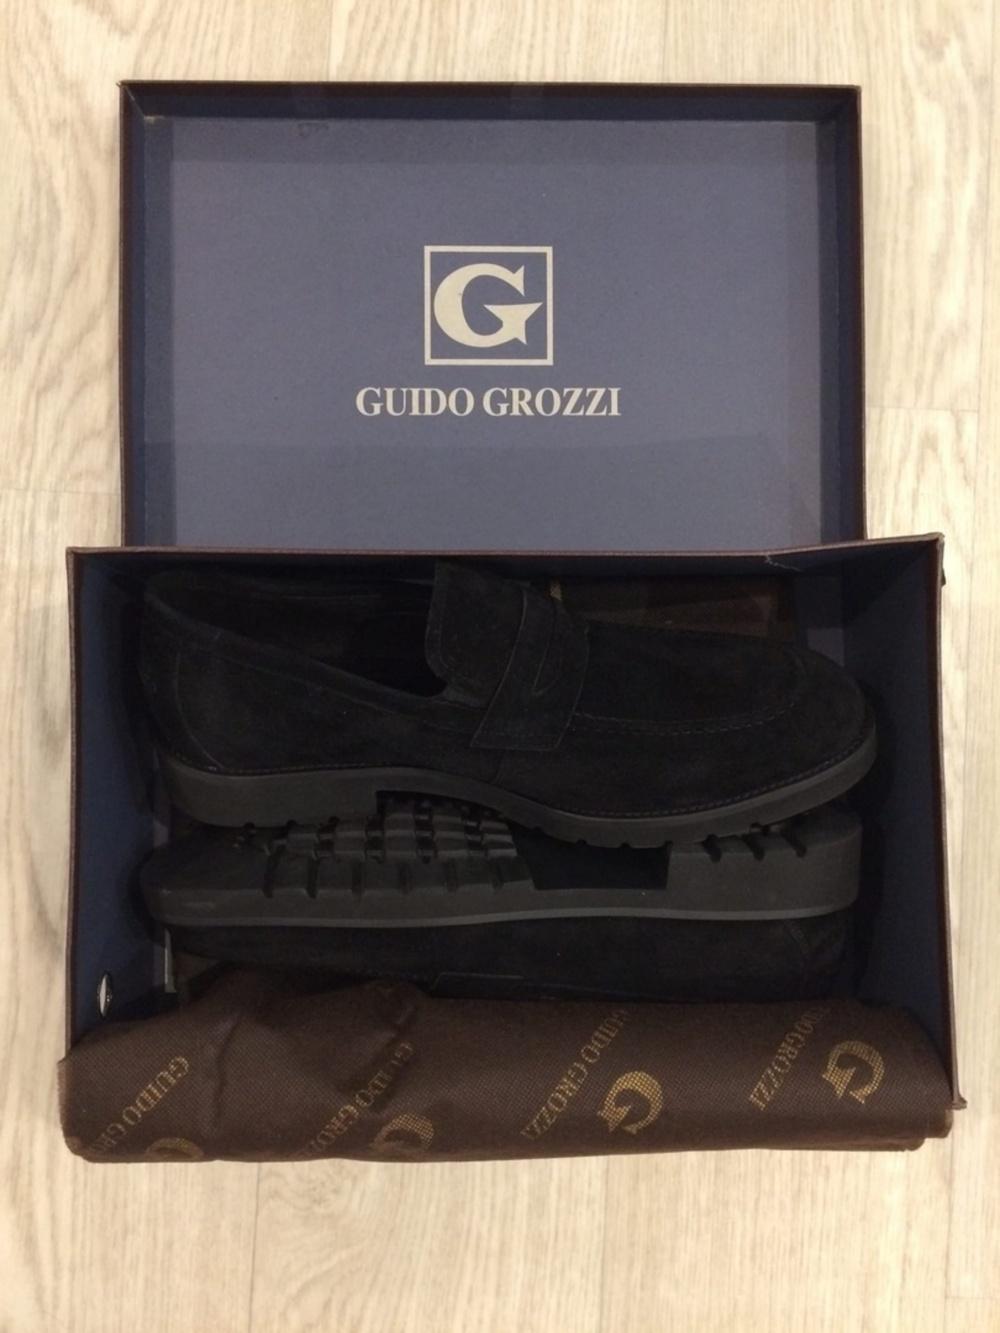 Мужские лоферы, Guido Grozzi, 44 размер